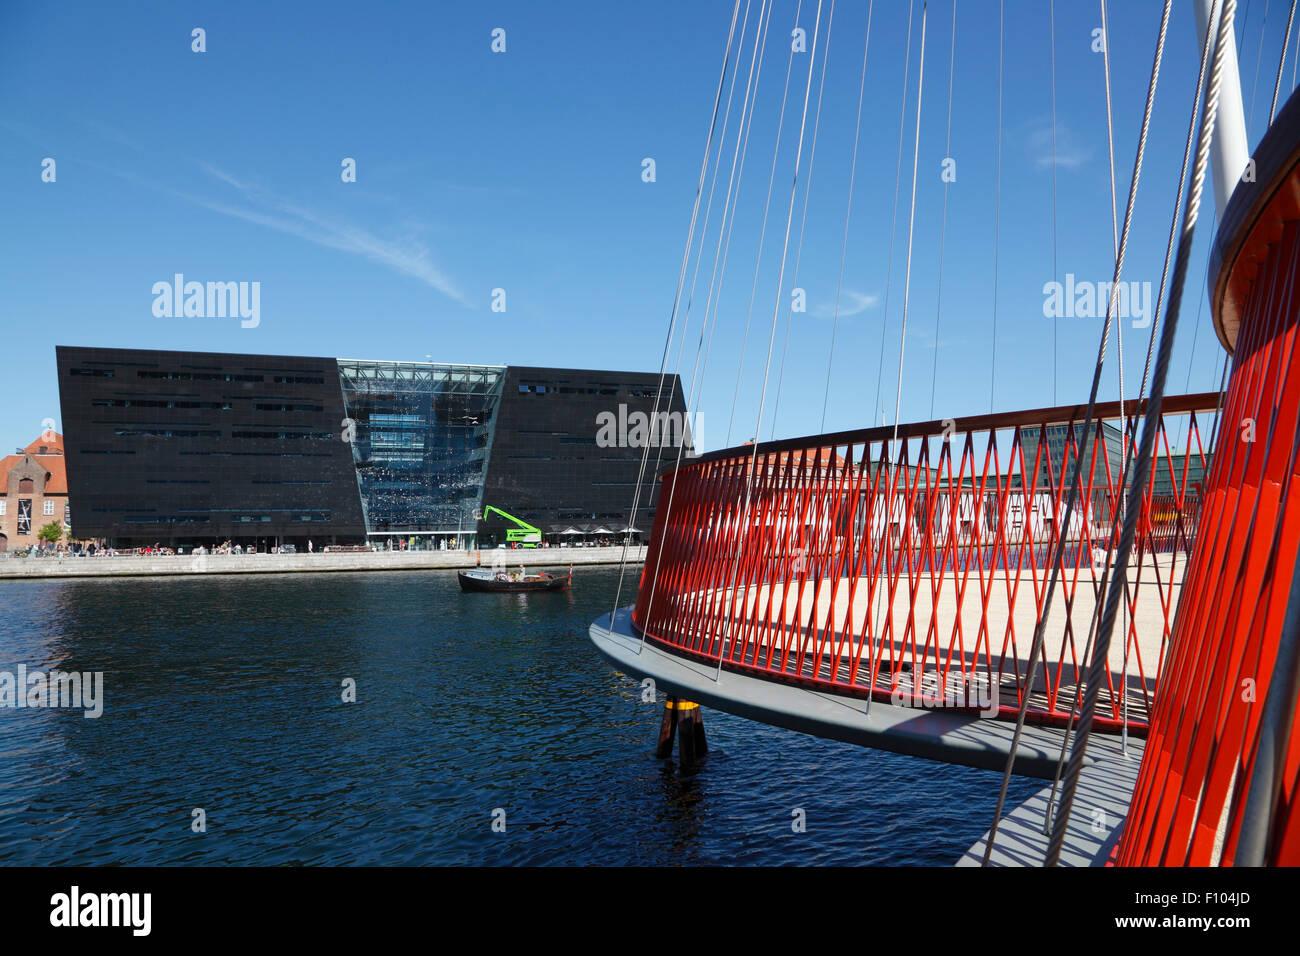 Cirkelbroen, il cerchio Bridge, progettato da Olafur Eliasson spanning Christianshavn Canal. Il Diamante Nero, Den Sorte Diamant, in background. Foto Stock